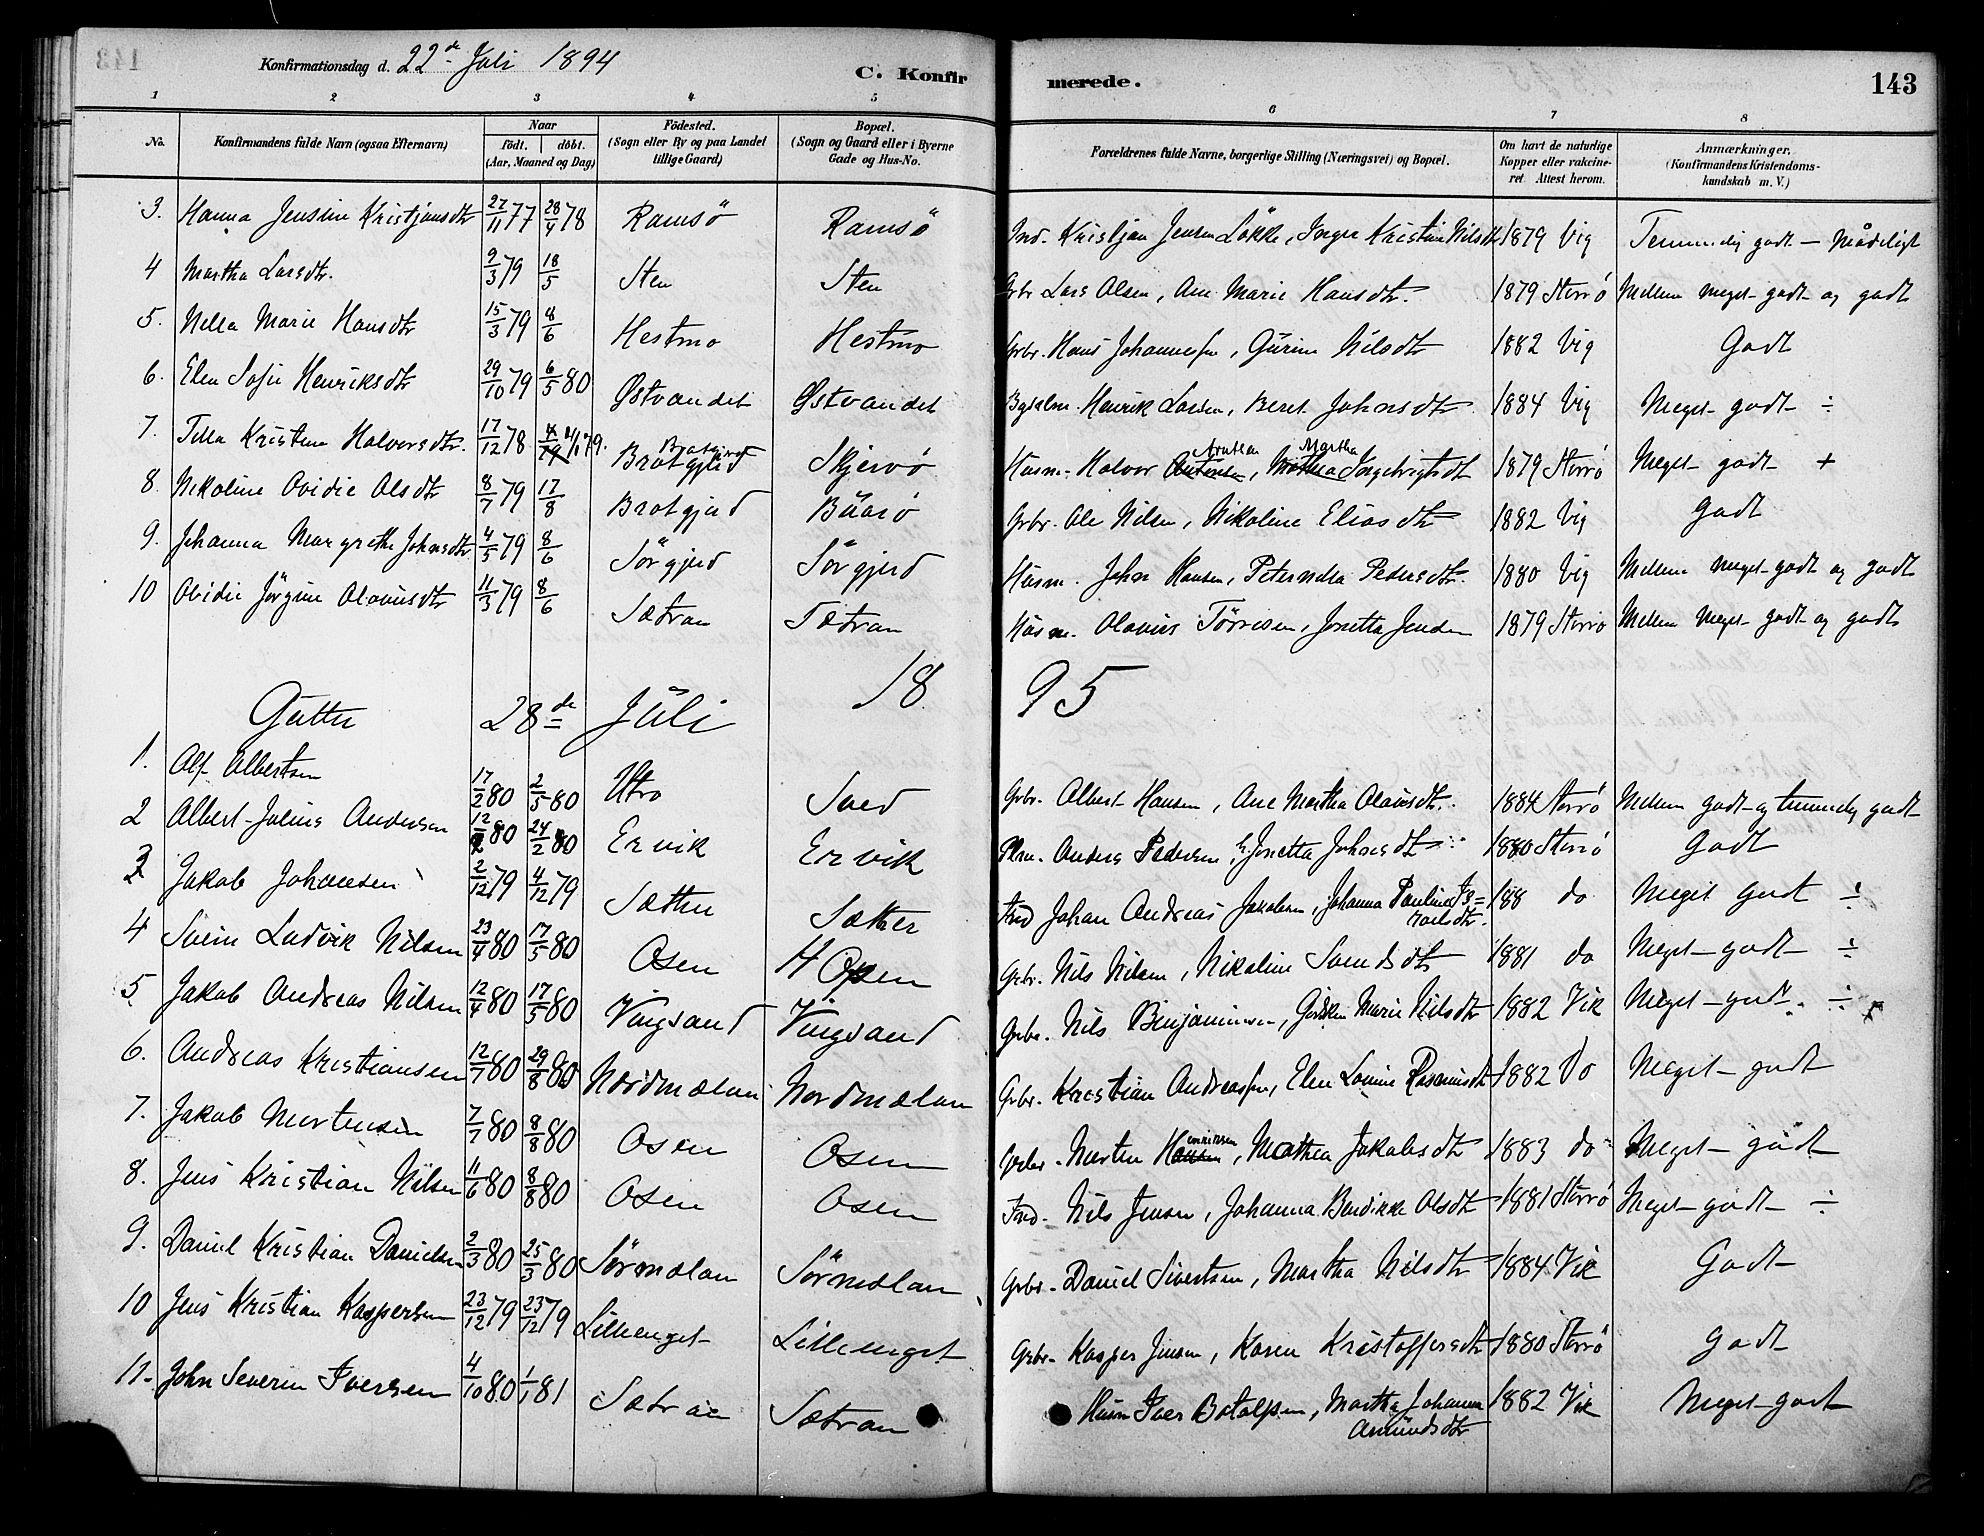 SAT, Ministerialprotokoller, klokkerbøker og fødselsregistre - Sør-Trøndelag, 658/L0722: Ministerialbok nr. 658A01, 1879-1896, s. 143